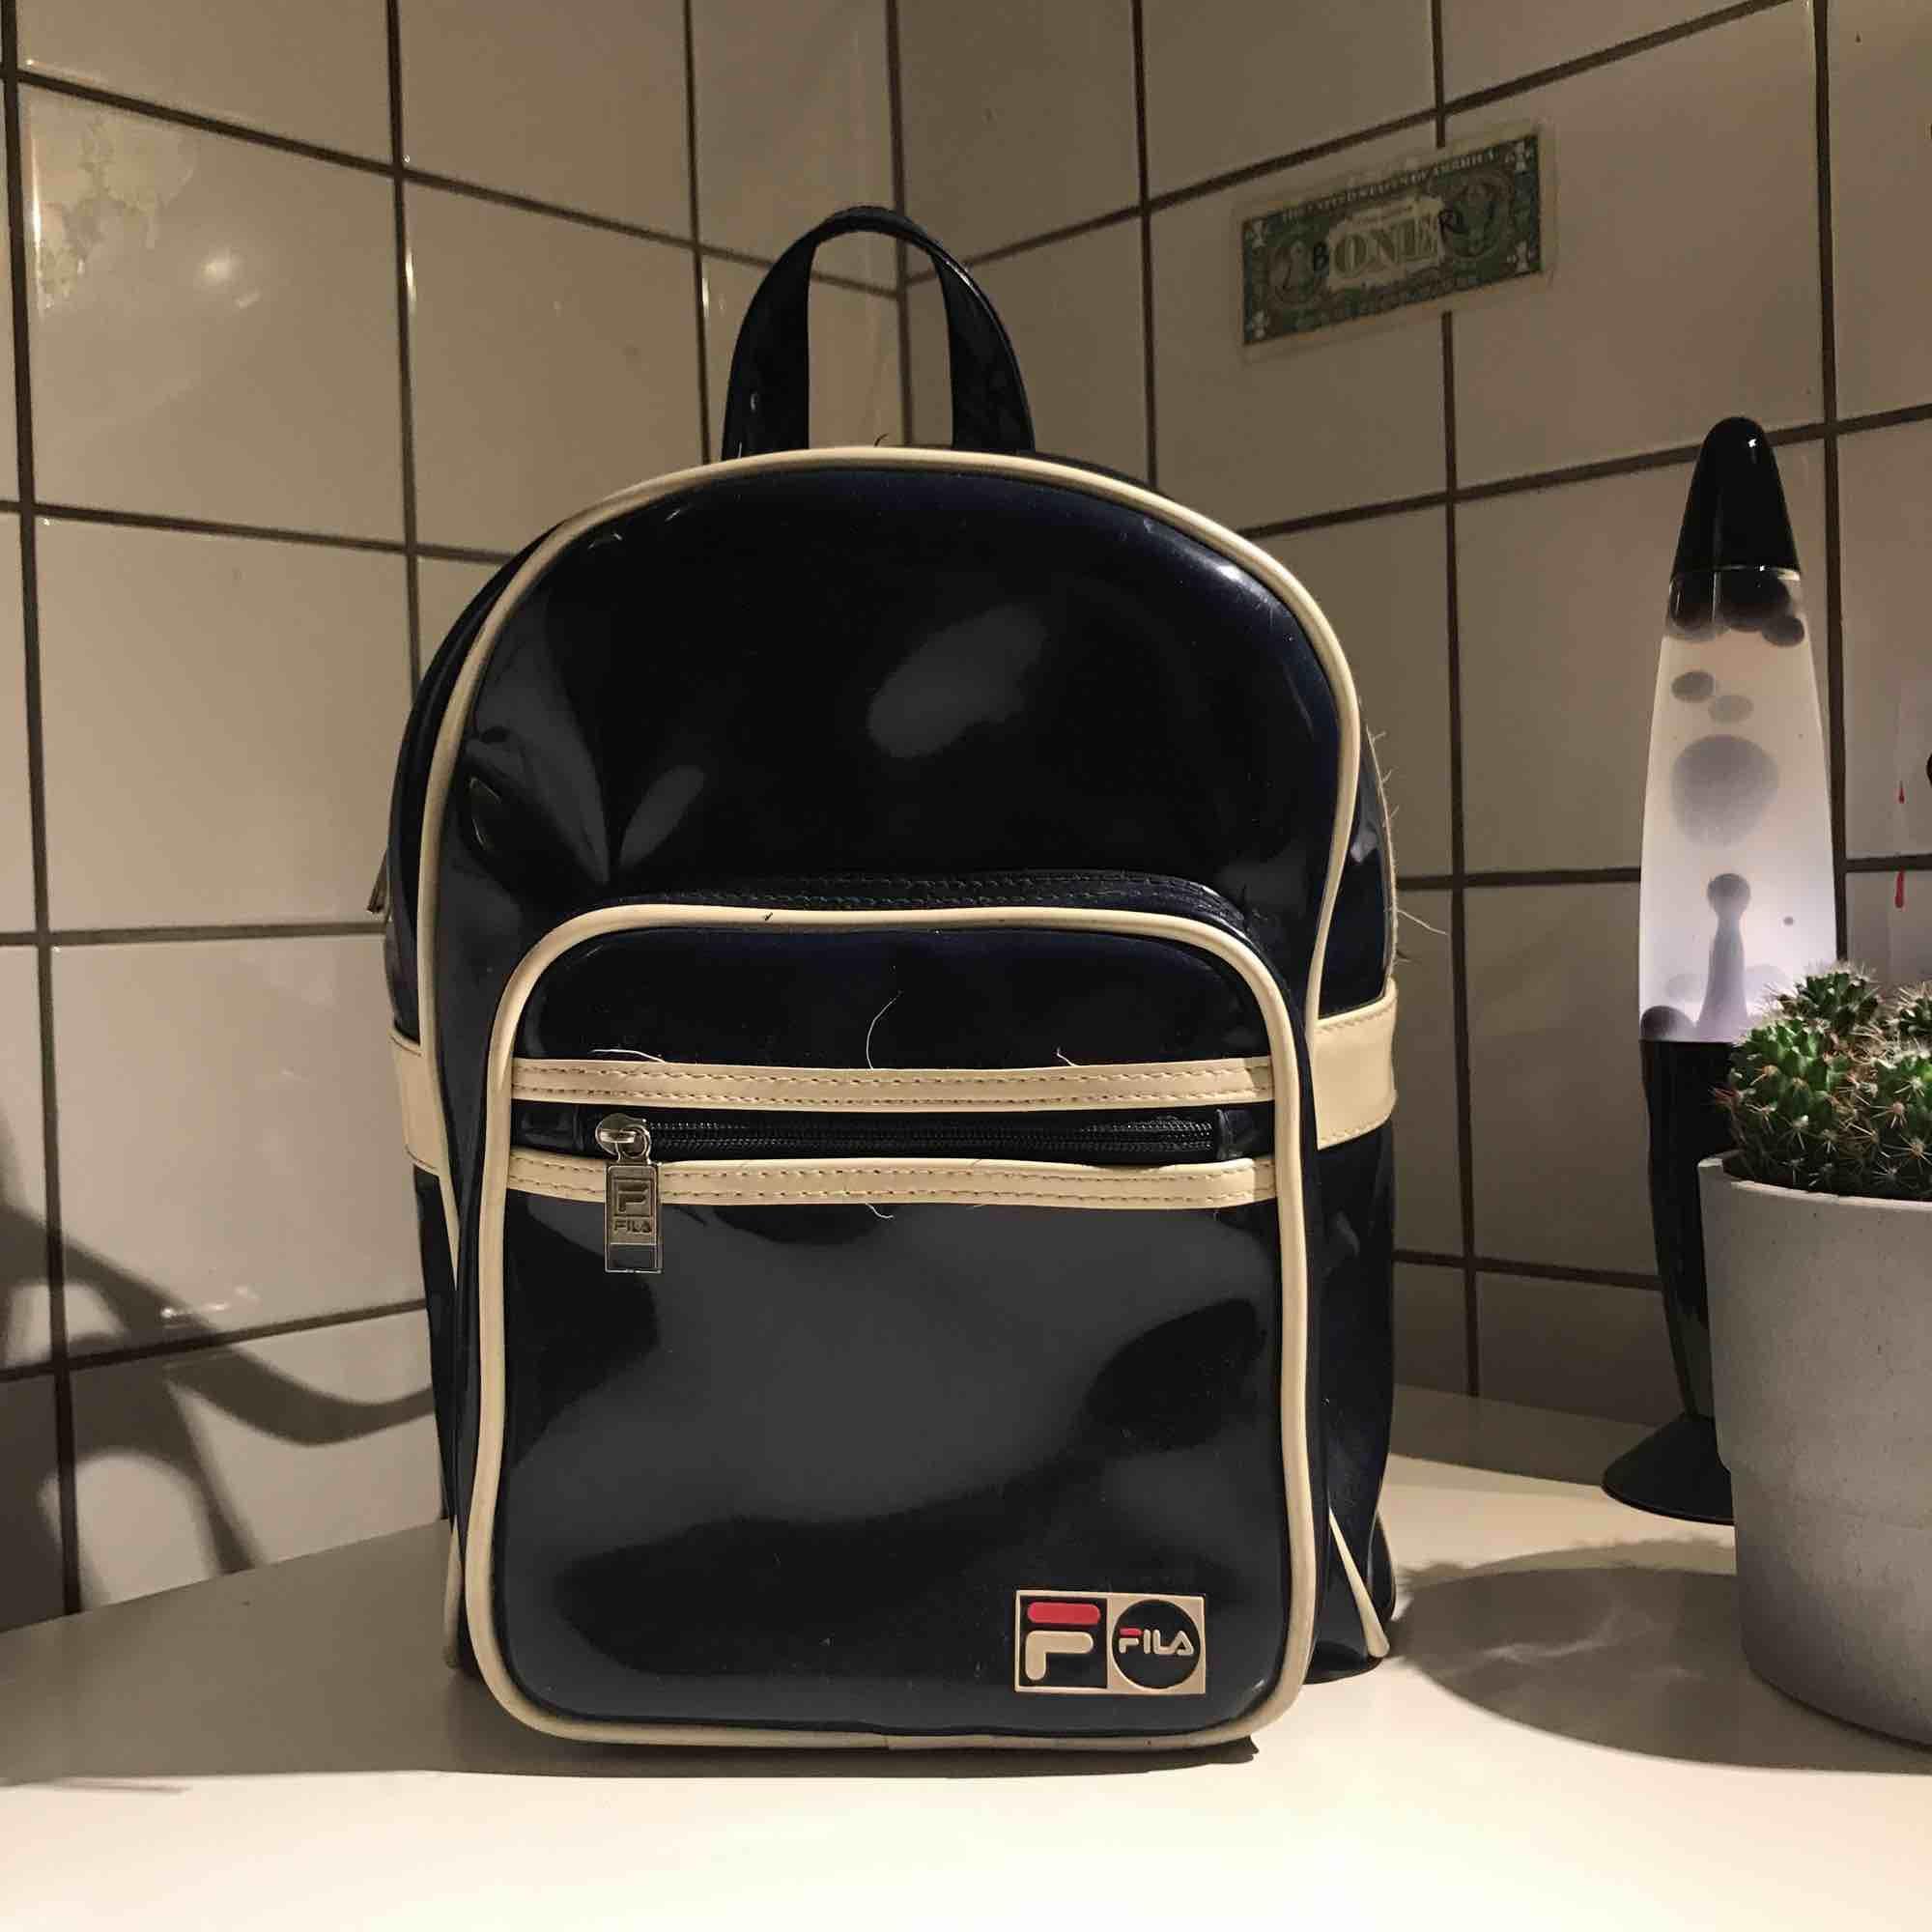 RETRO RYGGSÄCK ❤️ Äkta mörkblå fila ryggsäck i vinyl (plast)! Köpt vintage. Perfekt ryggsäck som får plats med det mesta 🌈 säljer pga inte min stil längre. Obs ❤️frakt ingår inte (50 kr + för frakt)  Mått / 29 cm höjd, 21 cm bred, 12 cm djup . Väskor.